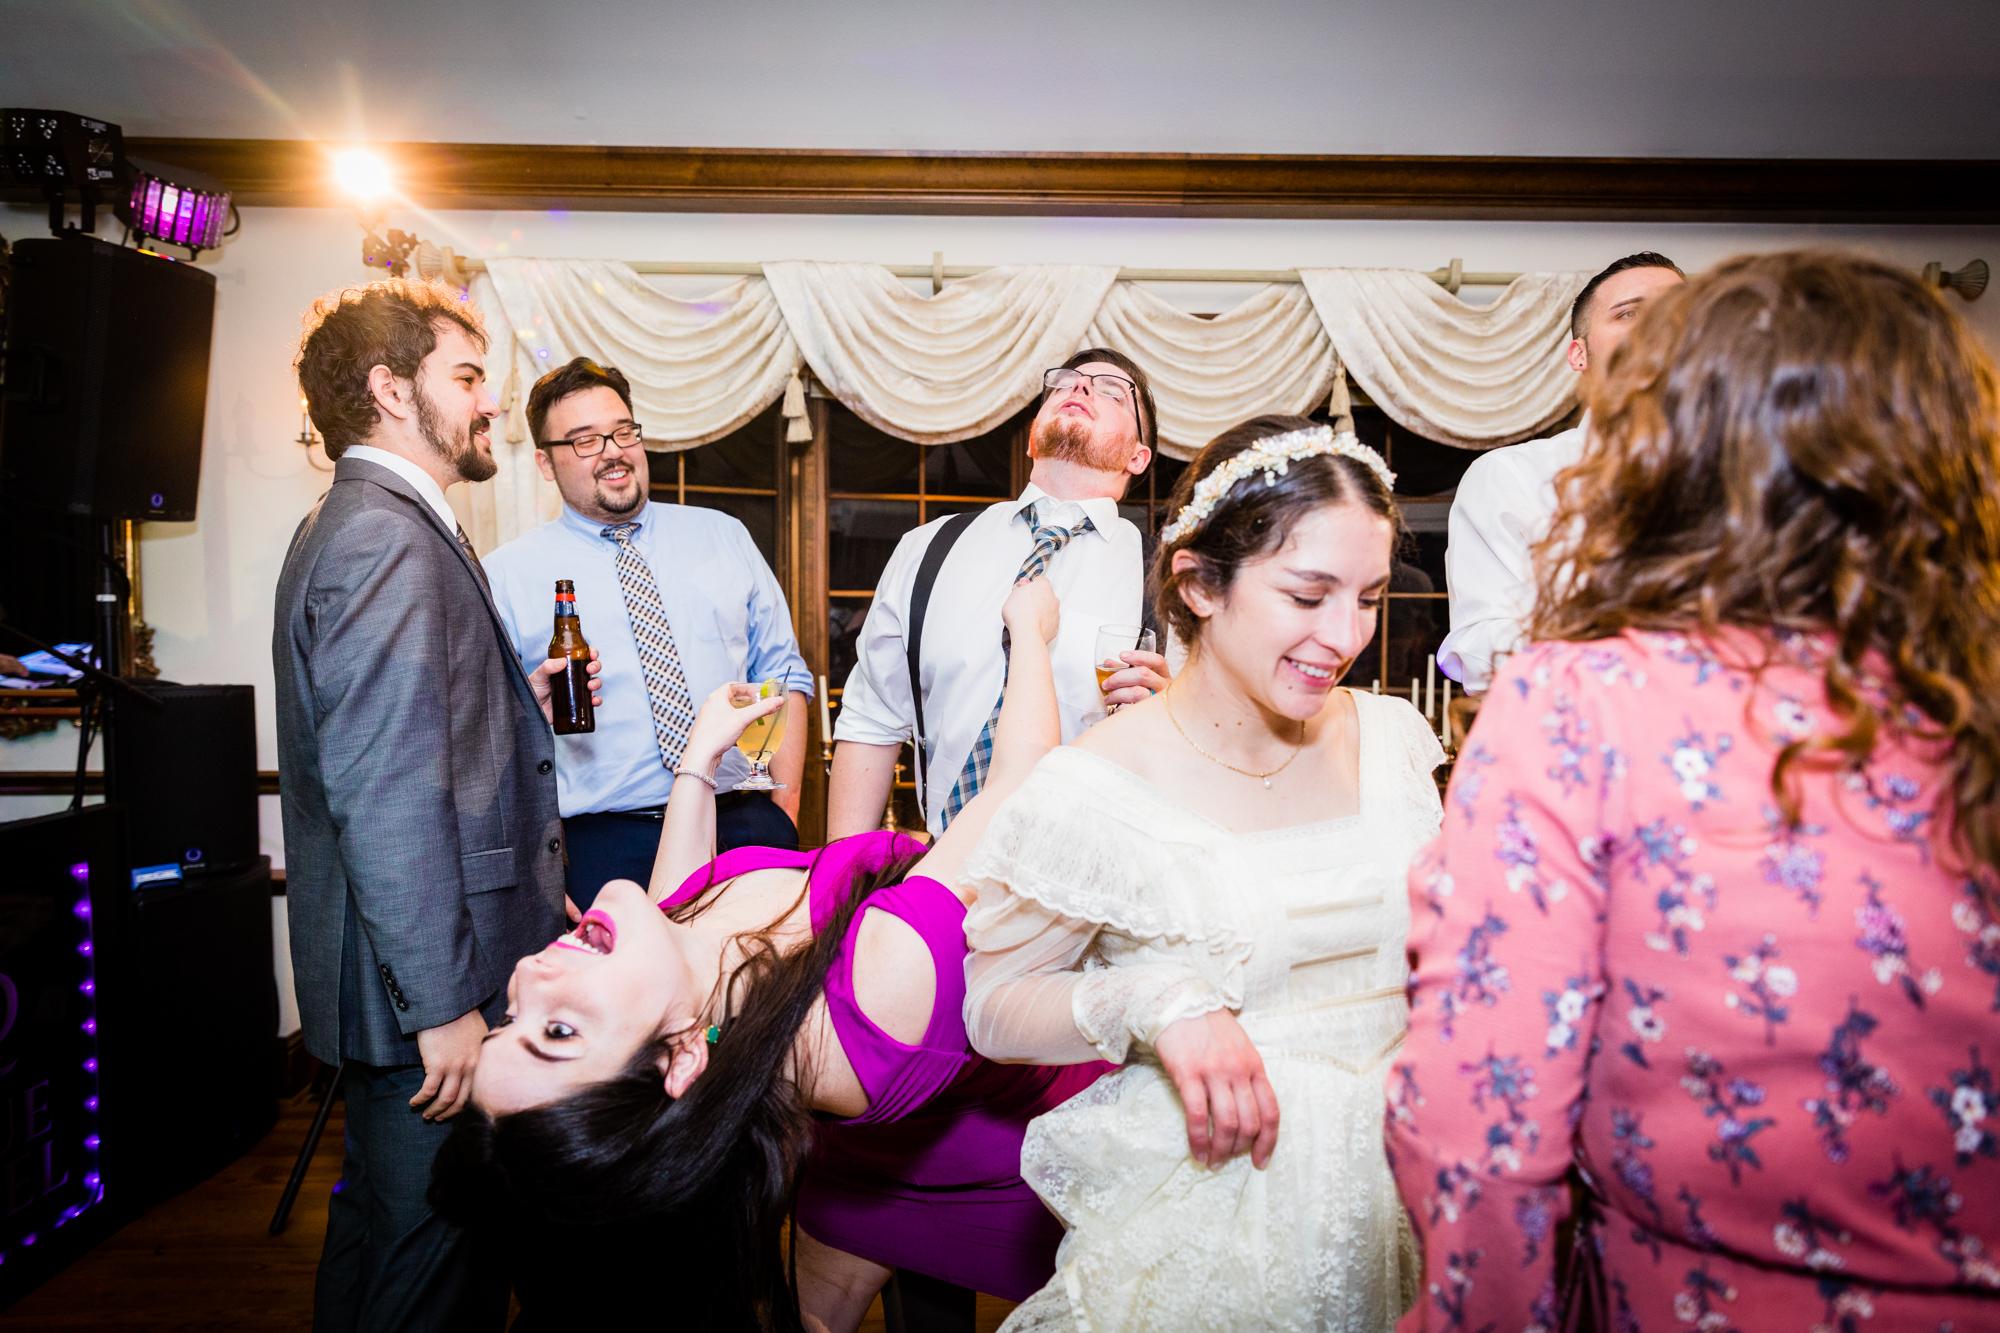 THE FARMHOUSE DE WEDDING PHOTOGRAPHY-117.jpg